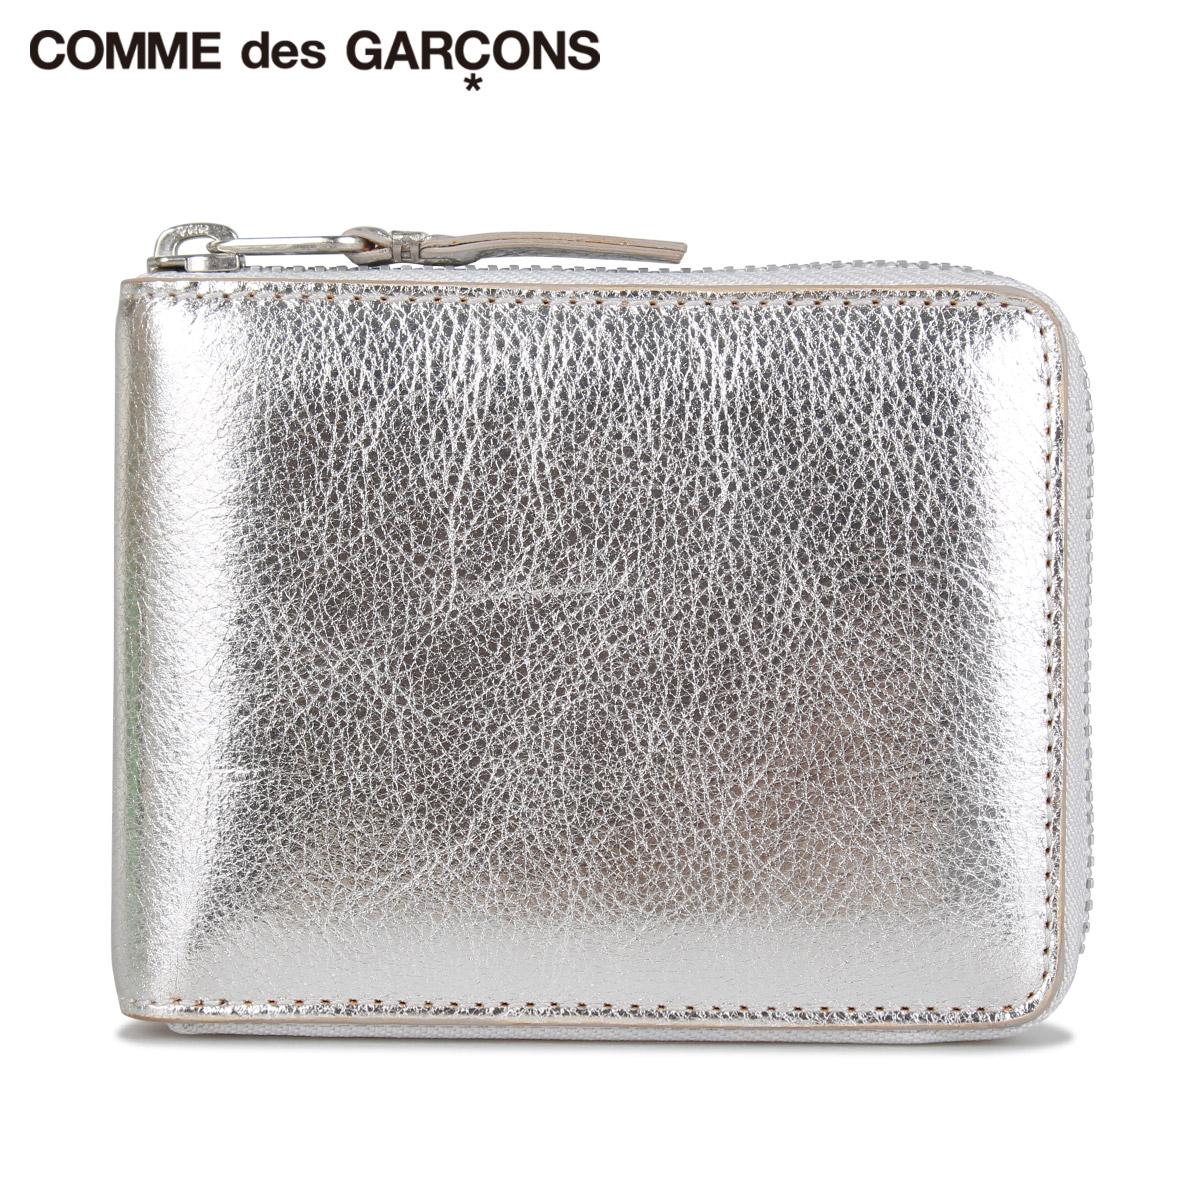 コムデギャルソン COMME des GARCONS 財布 二つ折り メンズ レディース ラウンドファスナー GOLD AND SILVER WALLET シルバー SA7100G [9/3 新入荷]